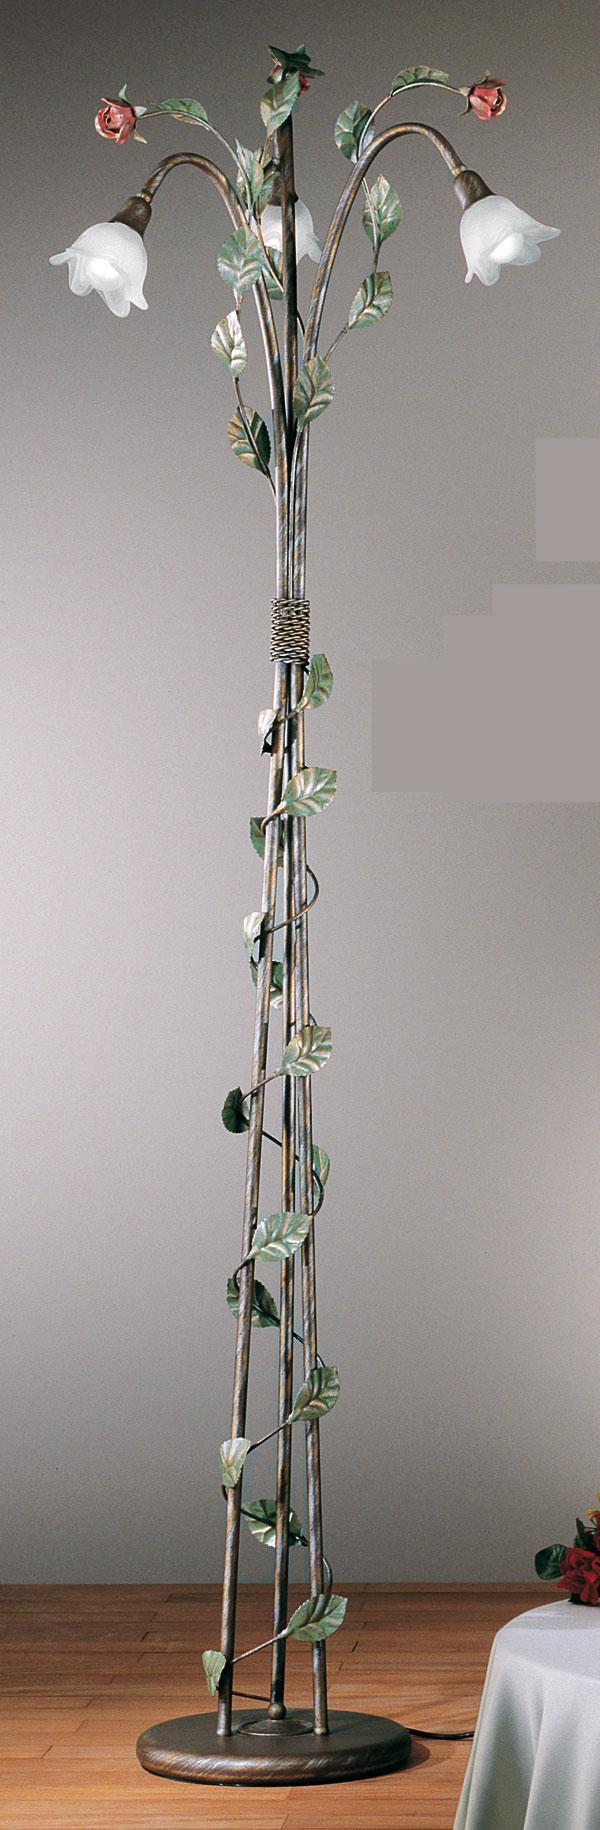 stehleuchte rosaio hans k gl. Black Bedroom Furniture Sets. Home Design Ideas